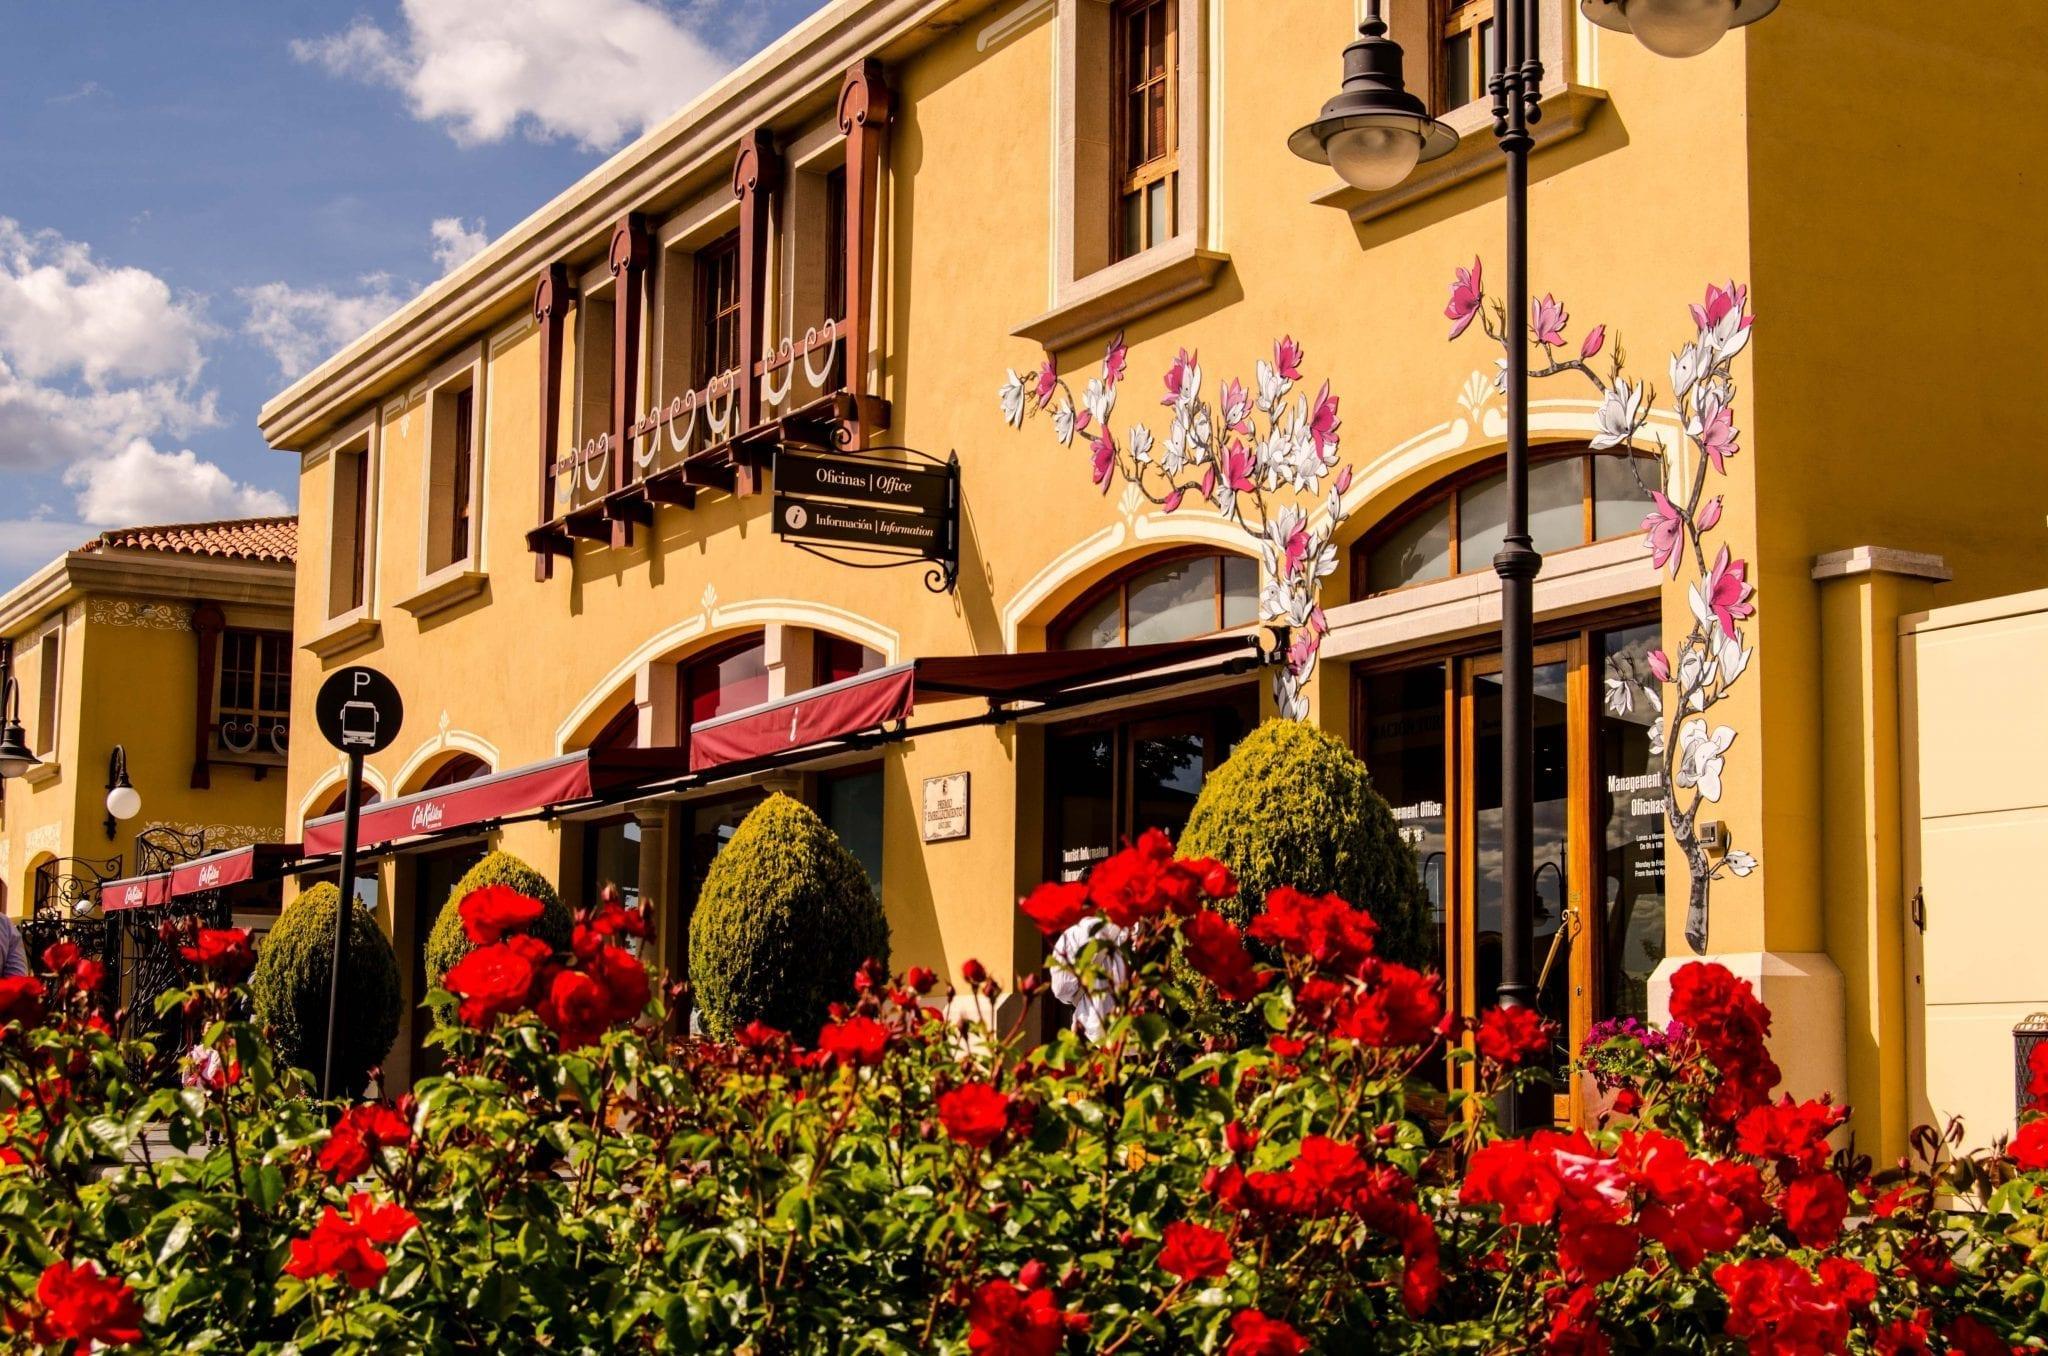 que te diviertas Ver insectos medias  Las Rozas Village luxury brands outlet 70% off - Madridallincluded.com